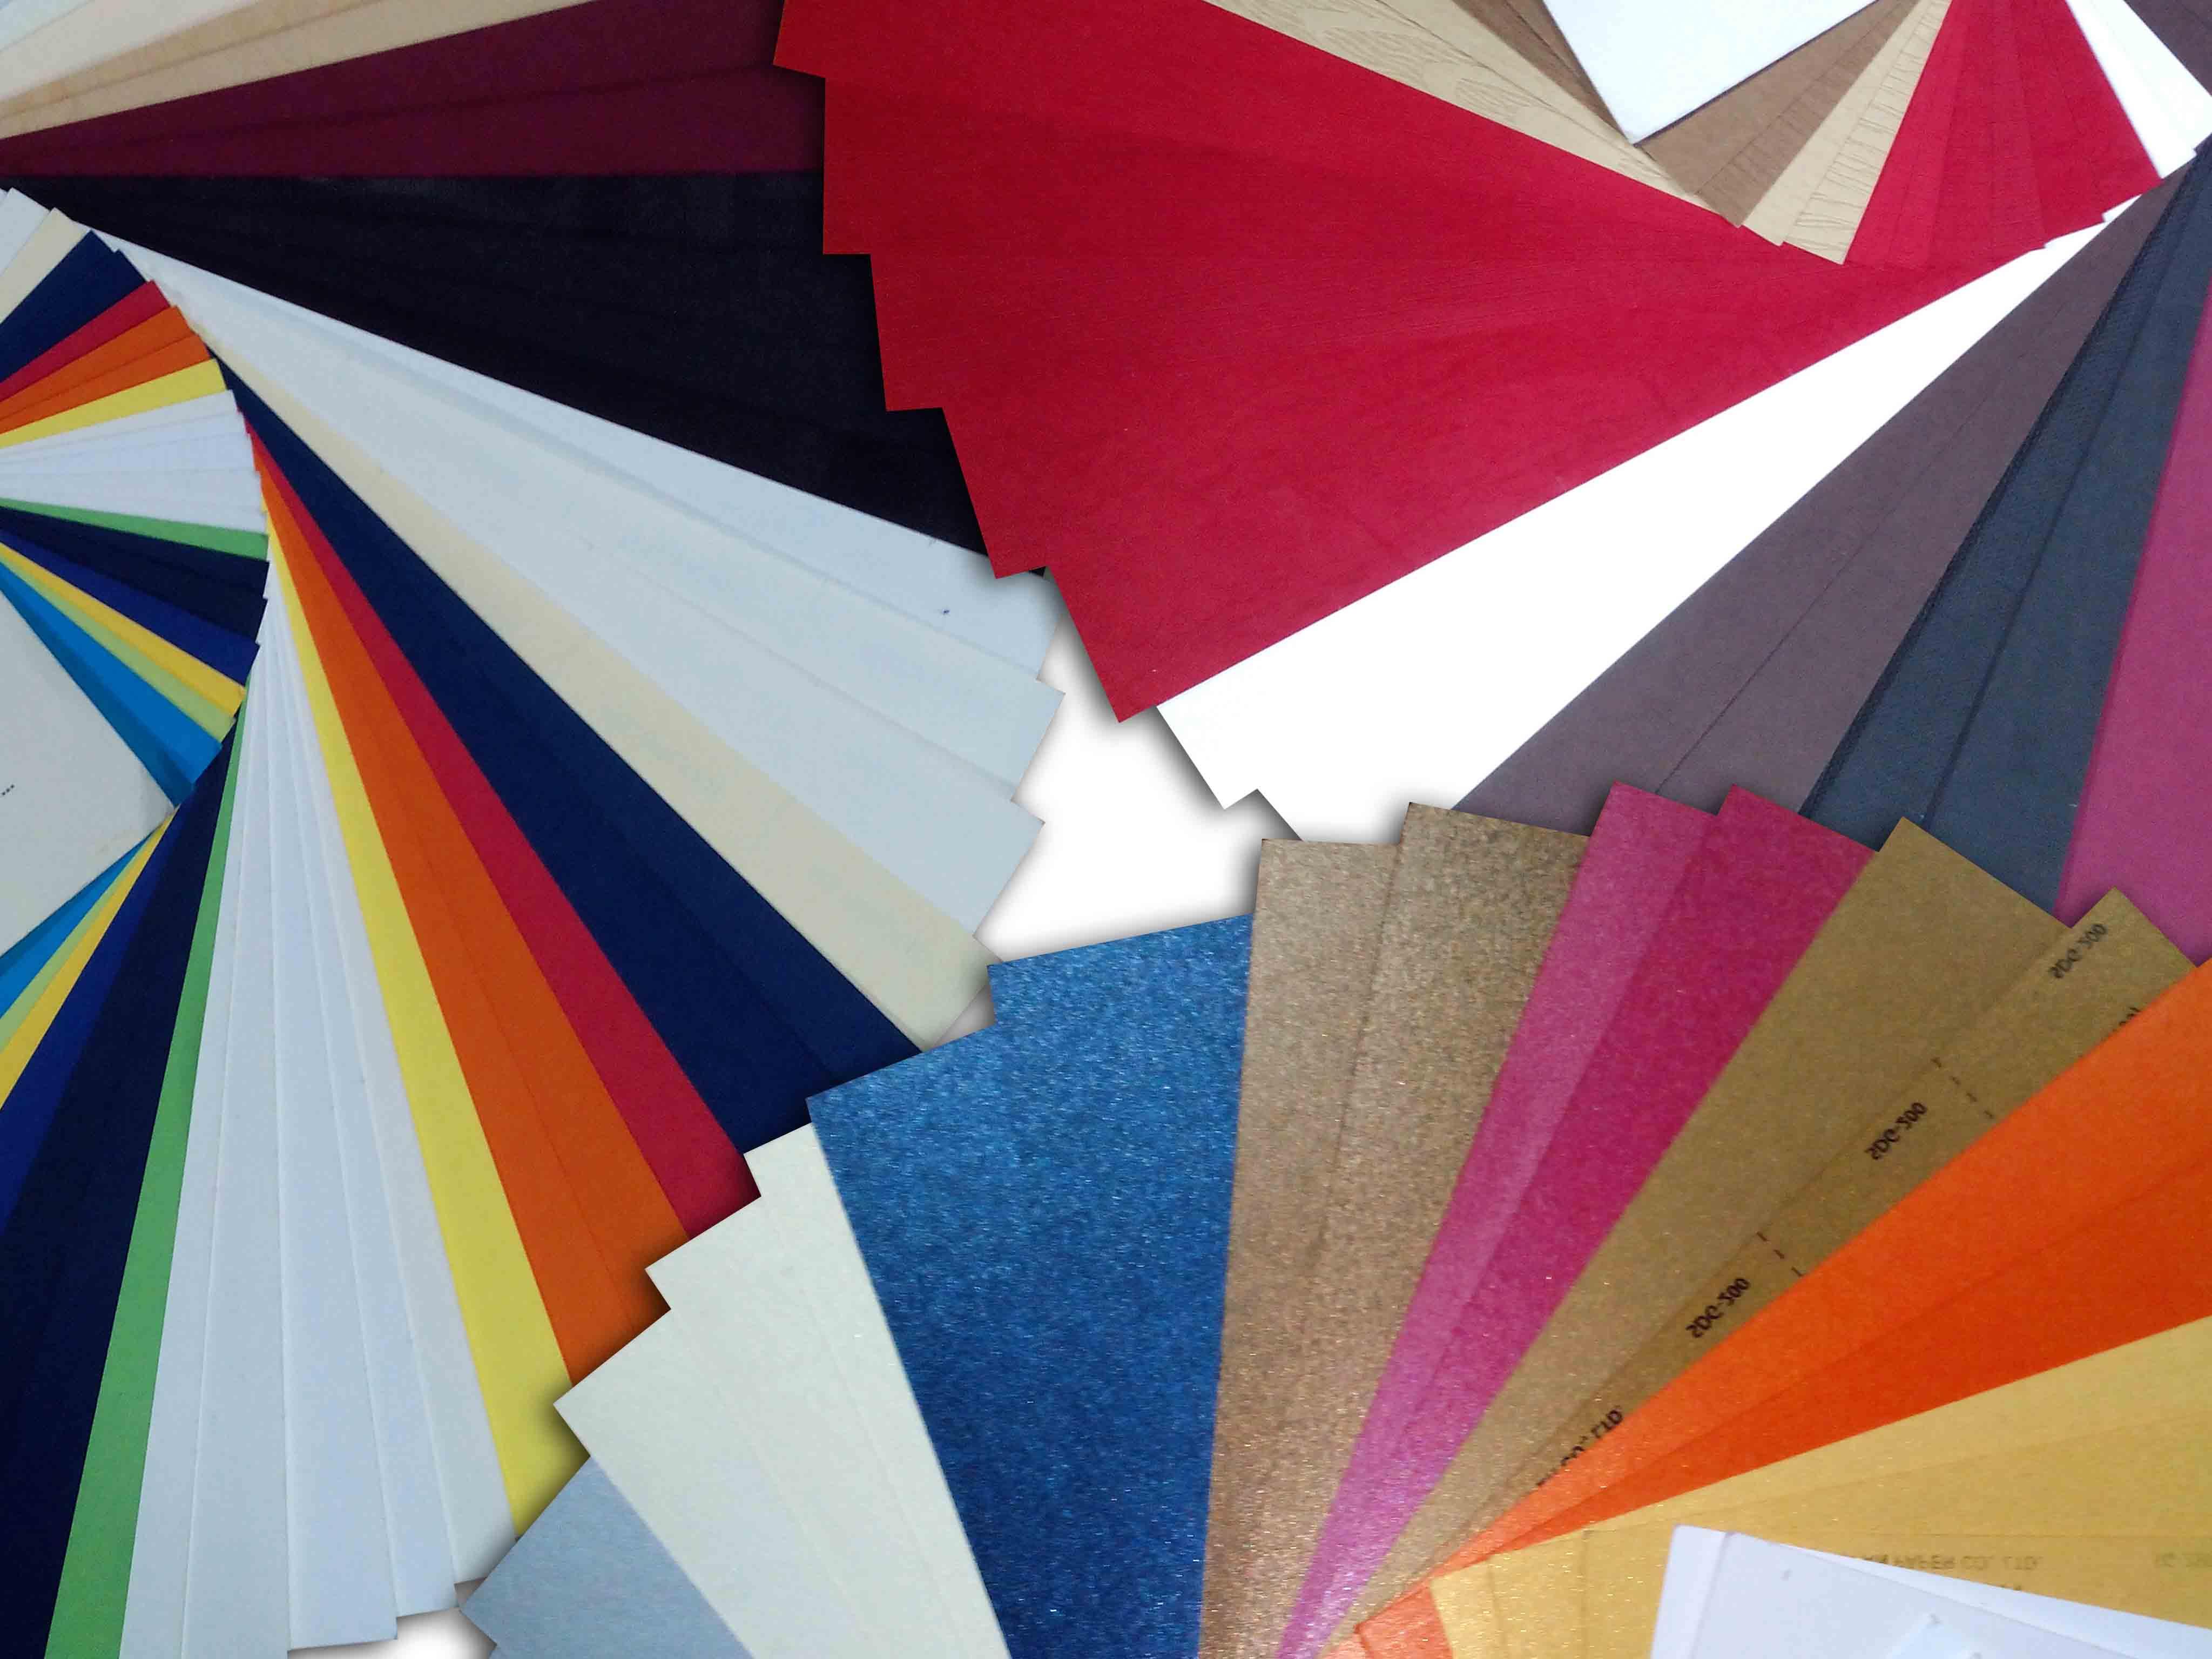 Các tiêu chuẩn về khổ giấy trong ngành in ấn